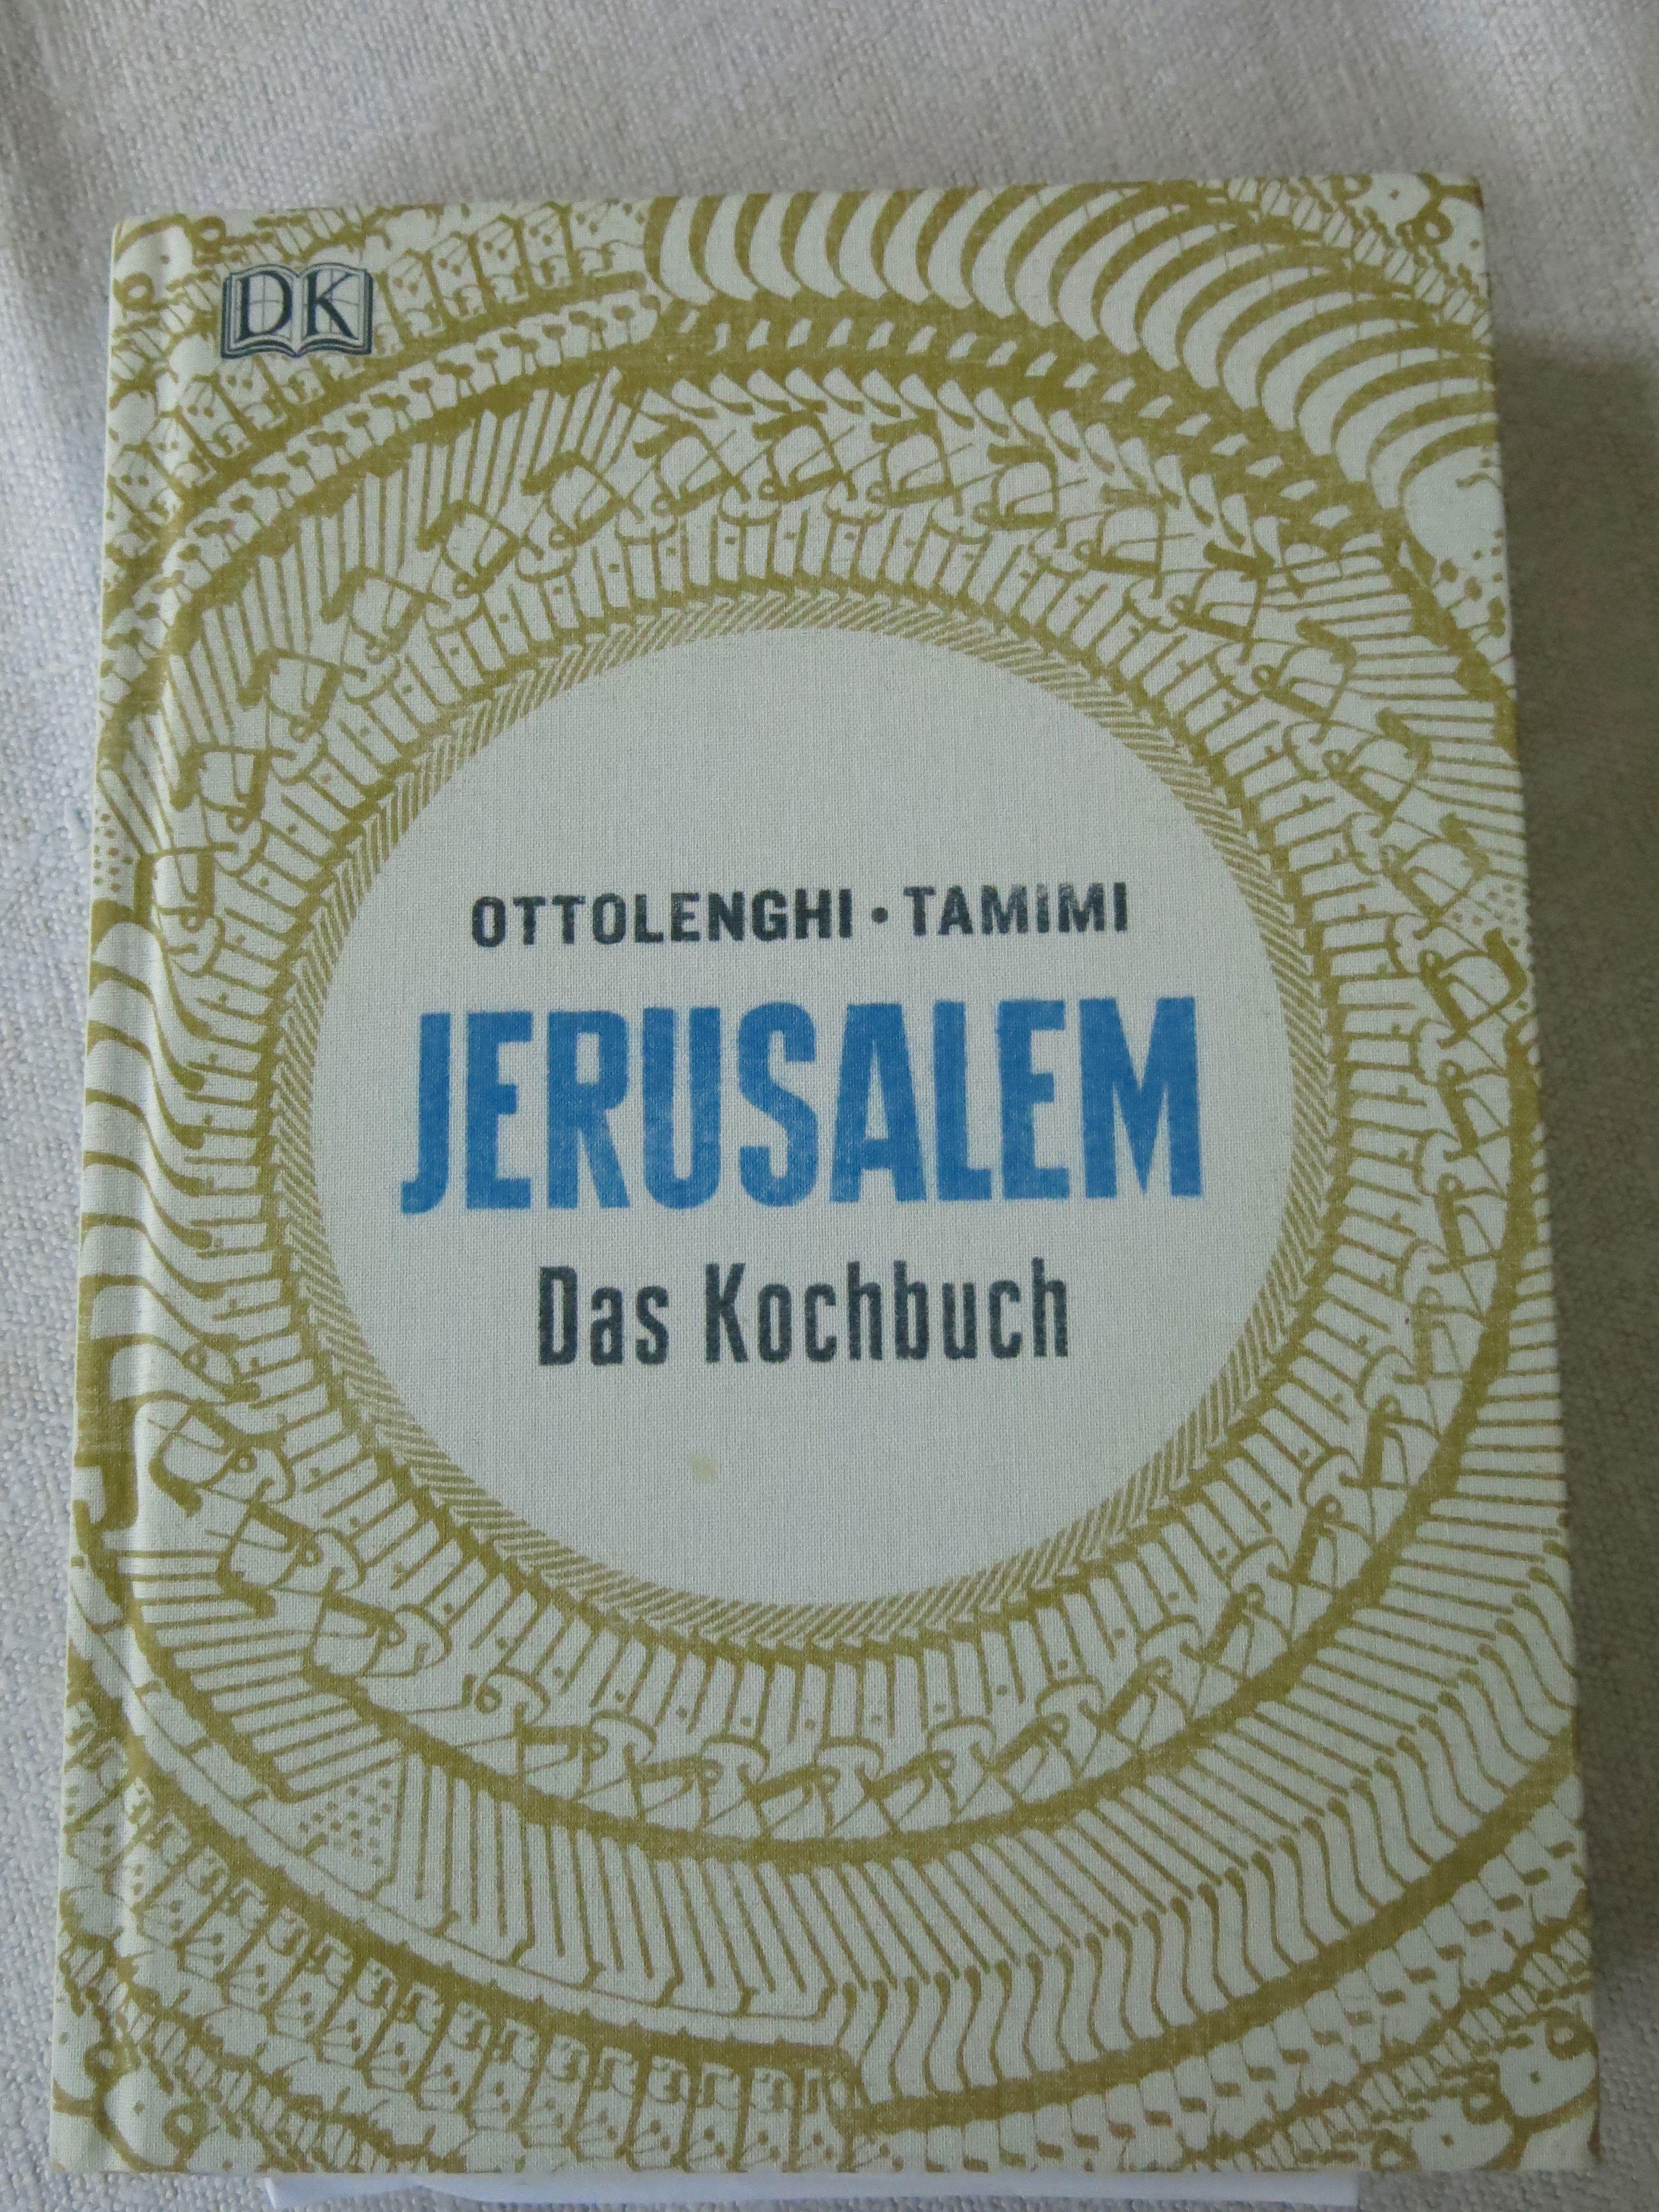 Titel Jerusalem